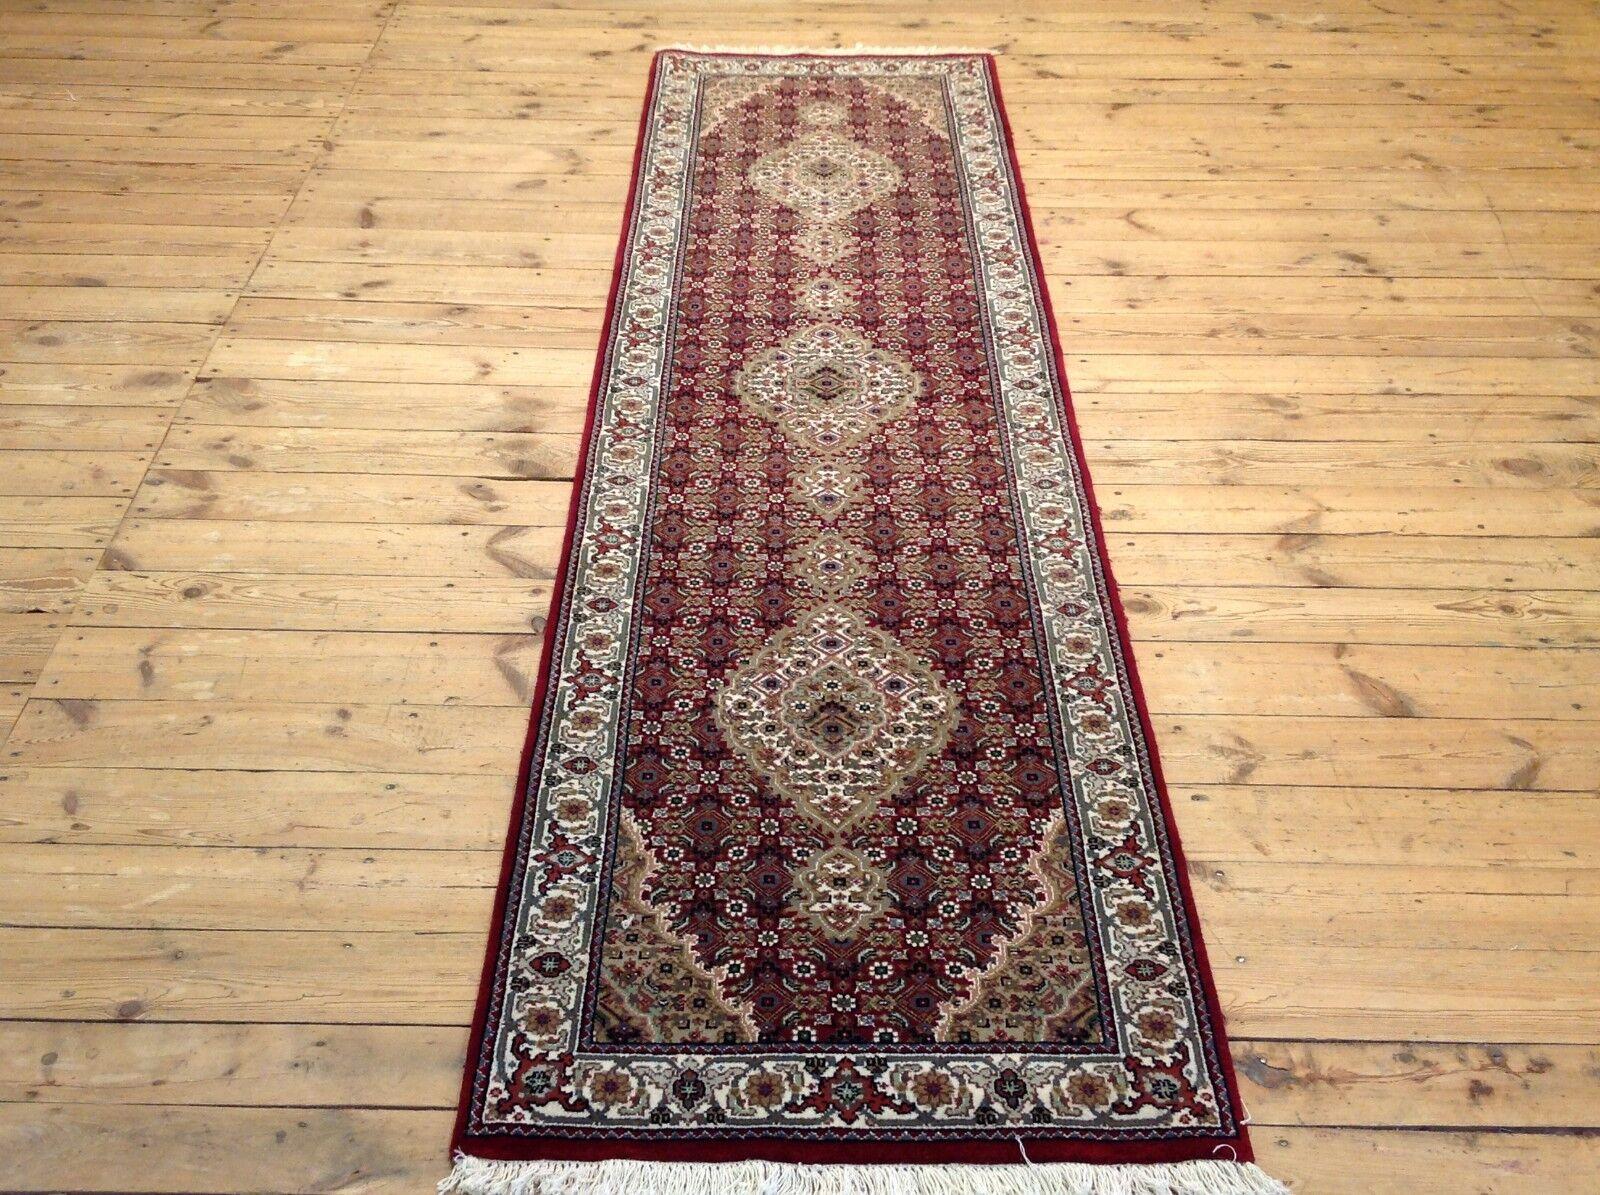 Meraviglioso tappeto orientale SUPER TÄBRIZ MAHI 302 x 80 cm condizioni TOP NUOVO